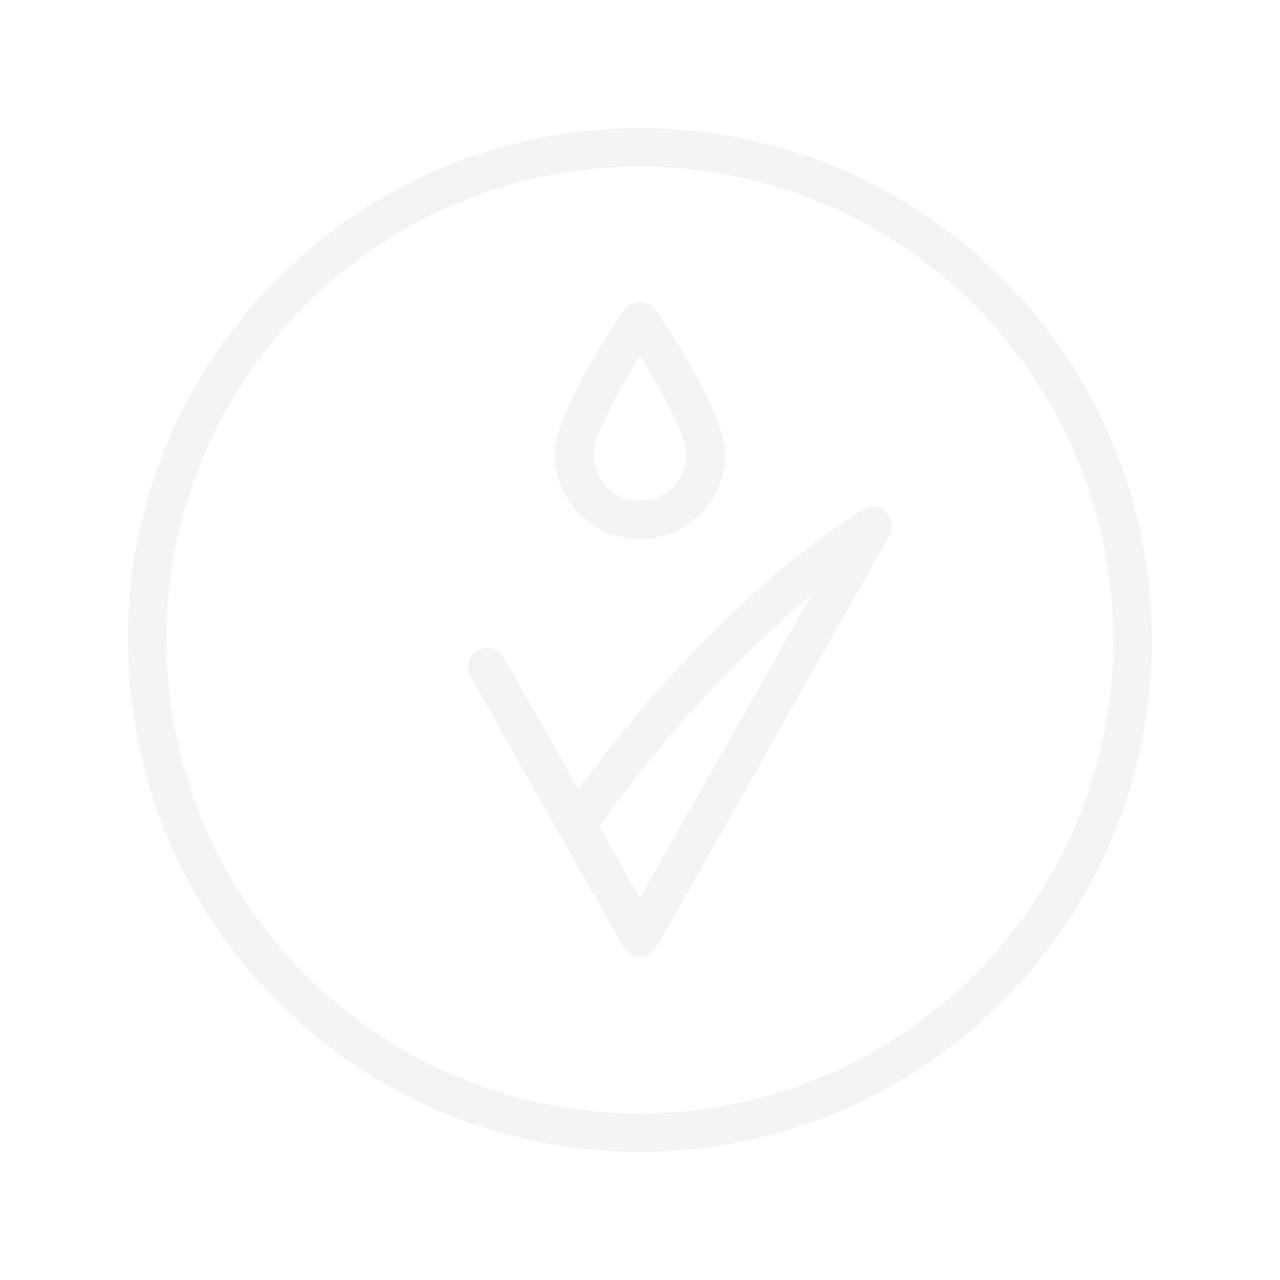 CUTRIN Vieno Sensitive Cleansing Conditioner очищающий кондиционер для чувствительной кожи головы 400ml